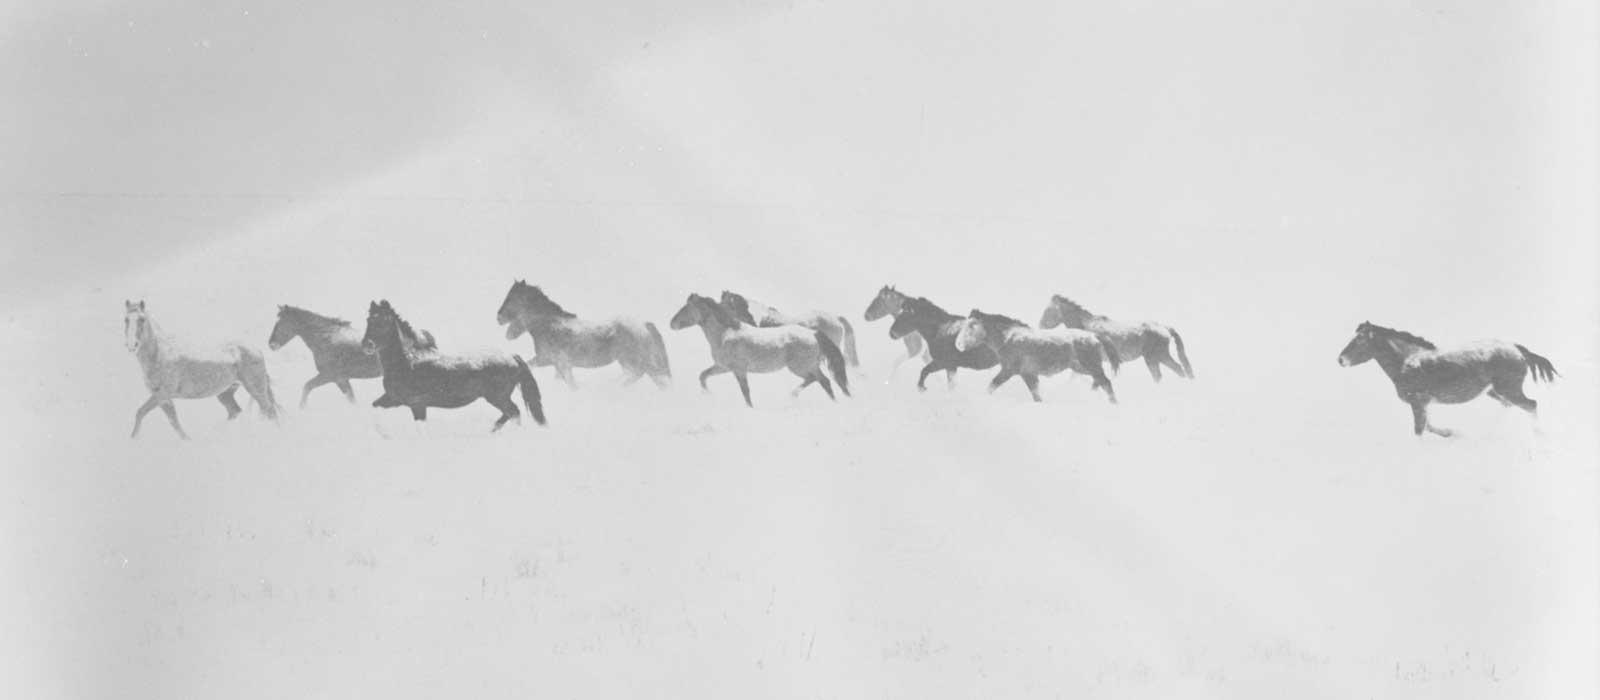 Wild Horses - Winter